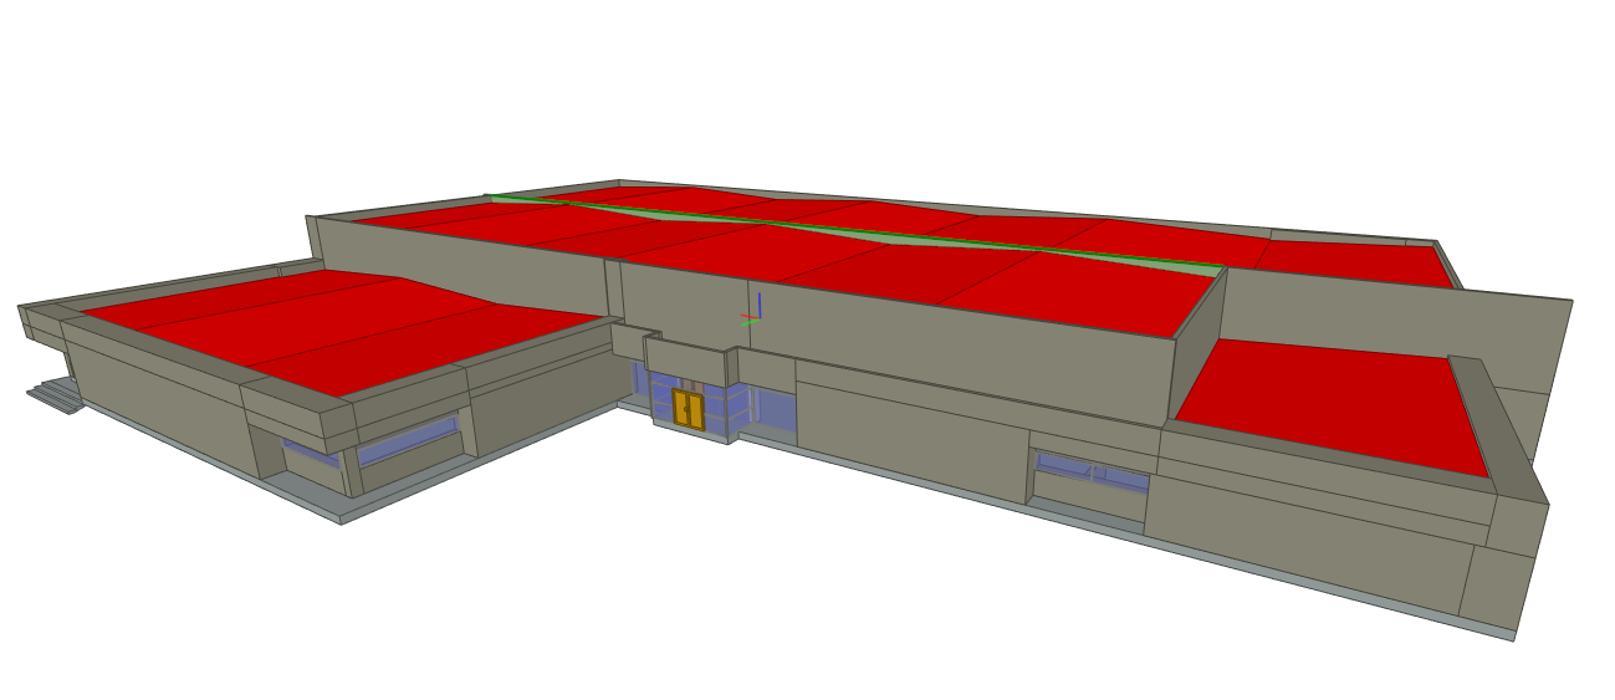 Maquette 3D d'une surface commerciale - St Martin des Champs (29) 0